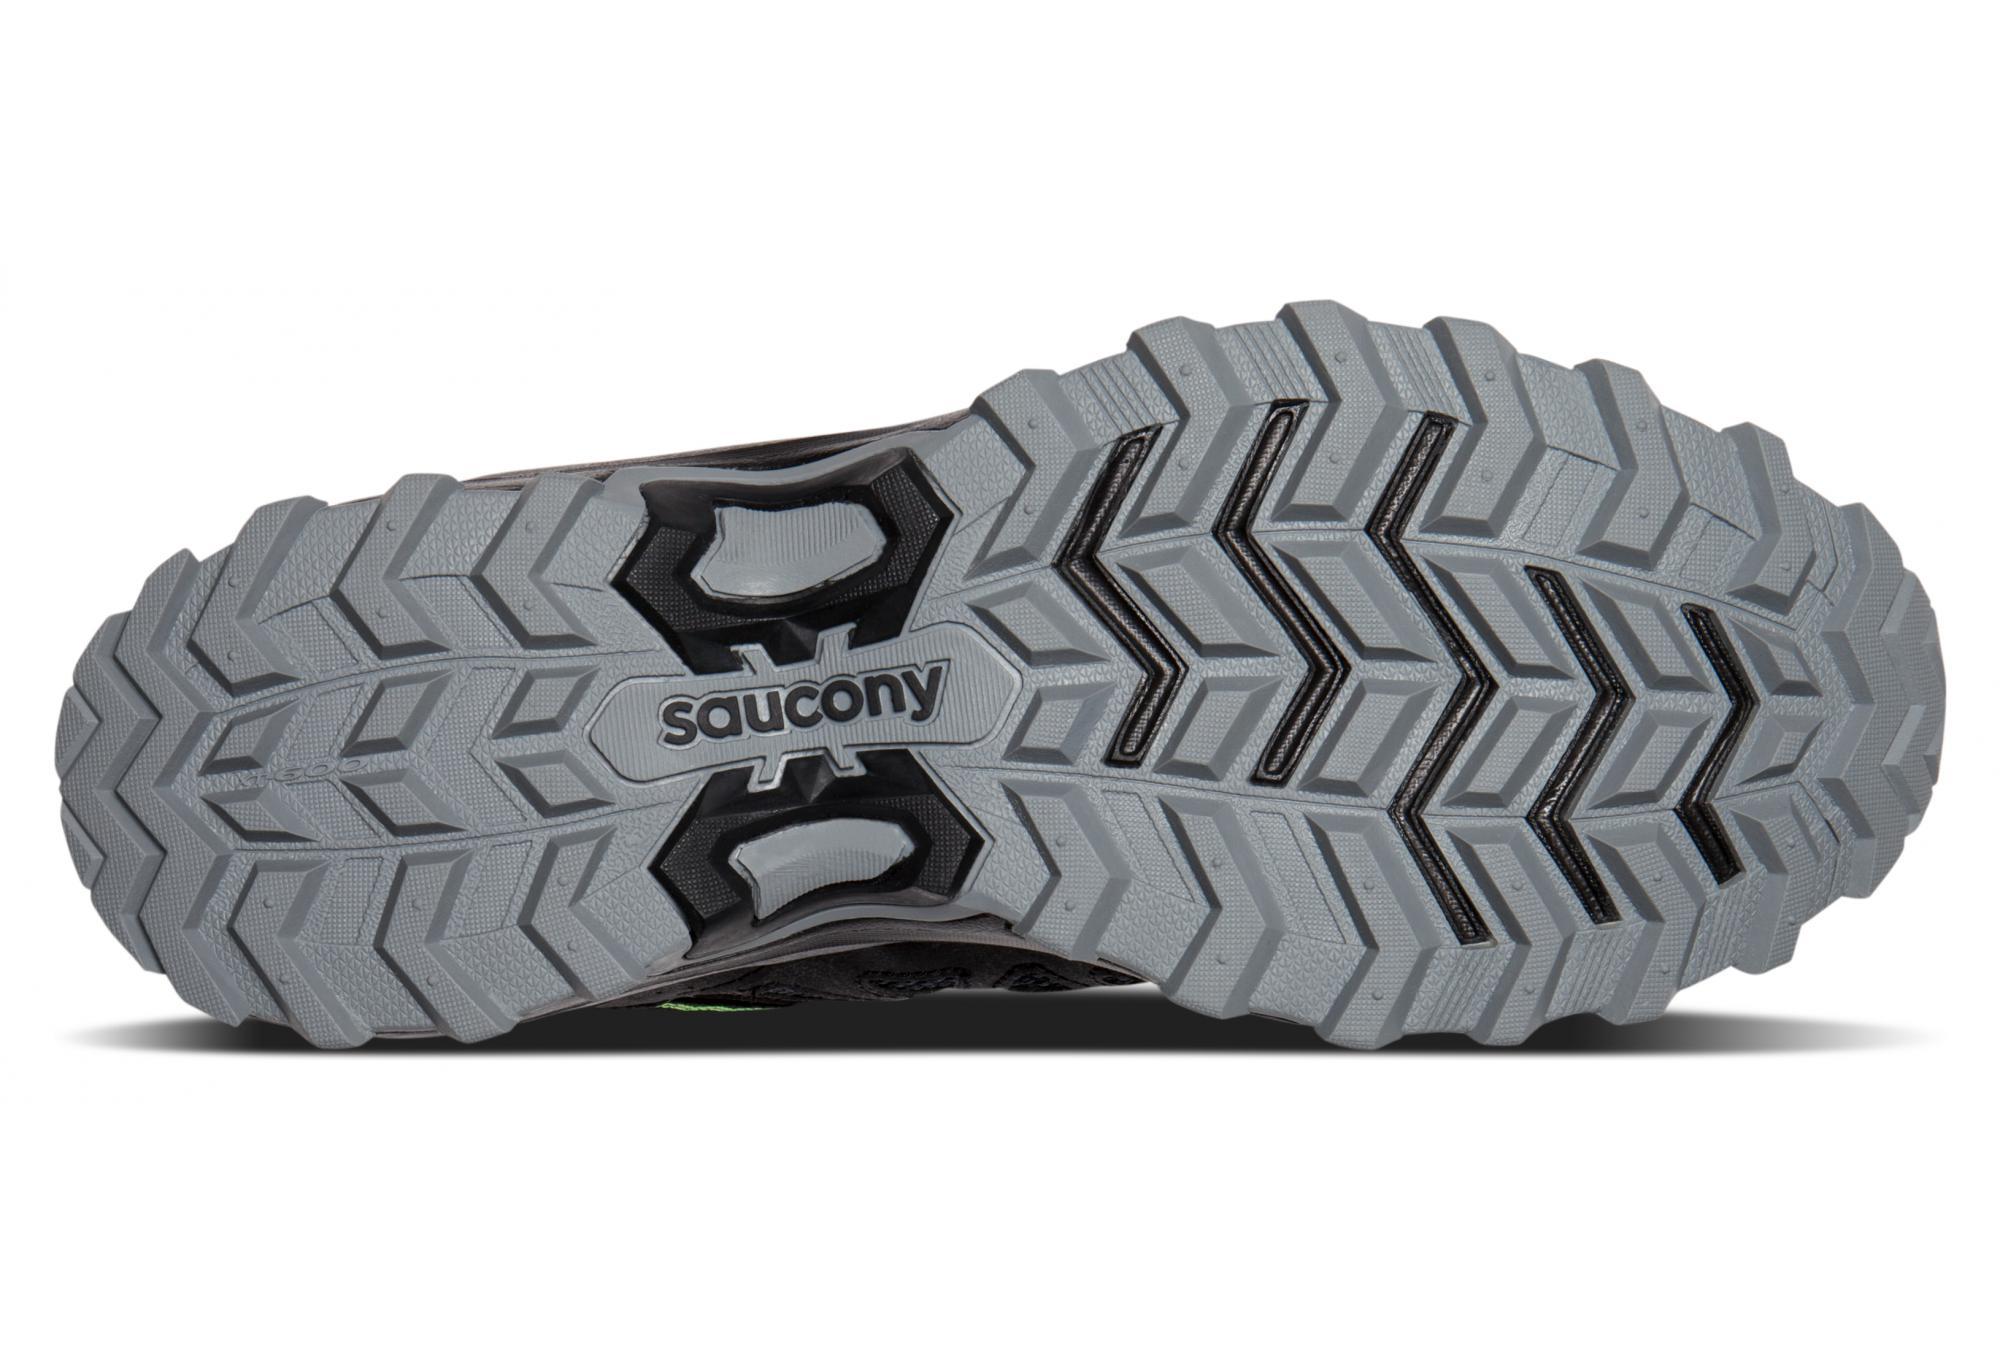 hochwertige Materialien sehr bekannt billiger Verkauf Saucony Excursion TR12 GTX Trailschuhe Schwarz